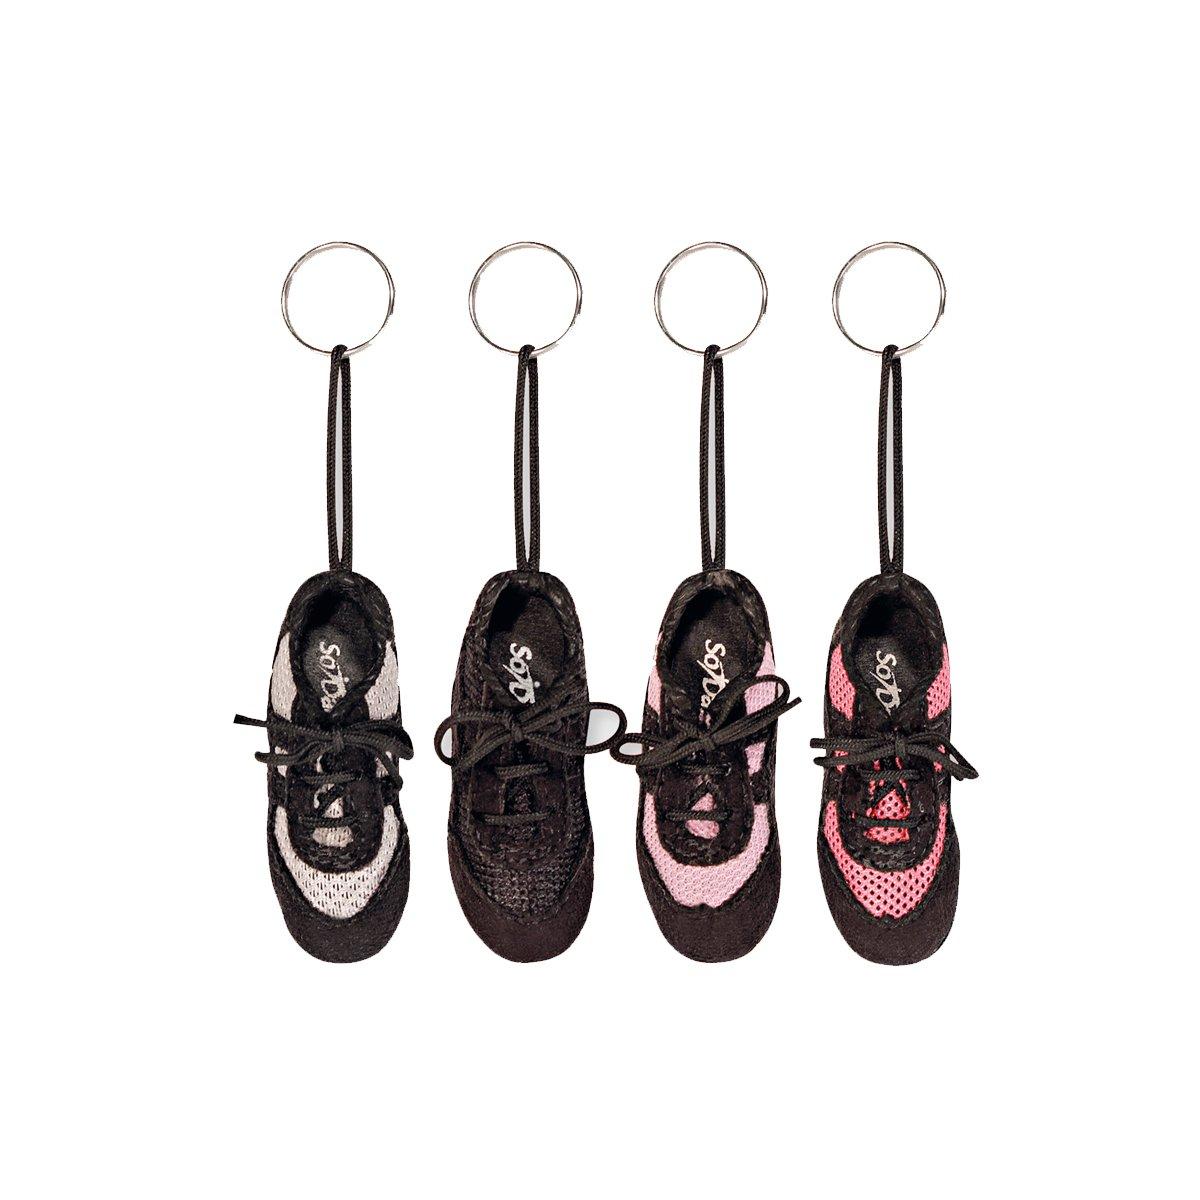 Sodanca Dance Sneaker Key Chain